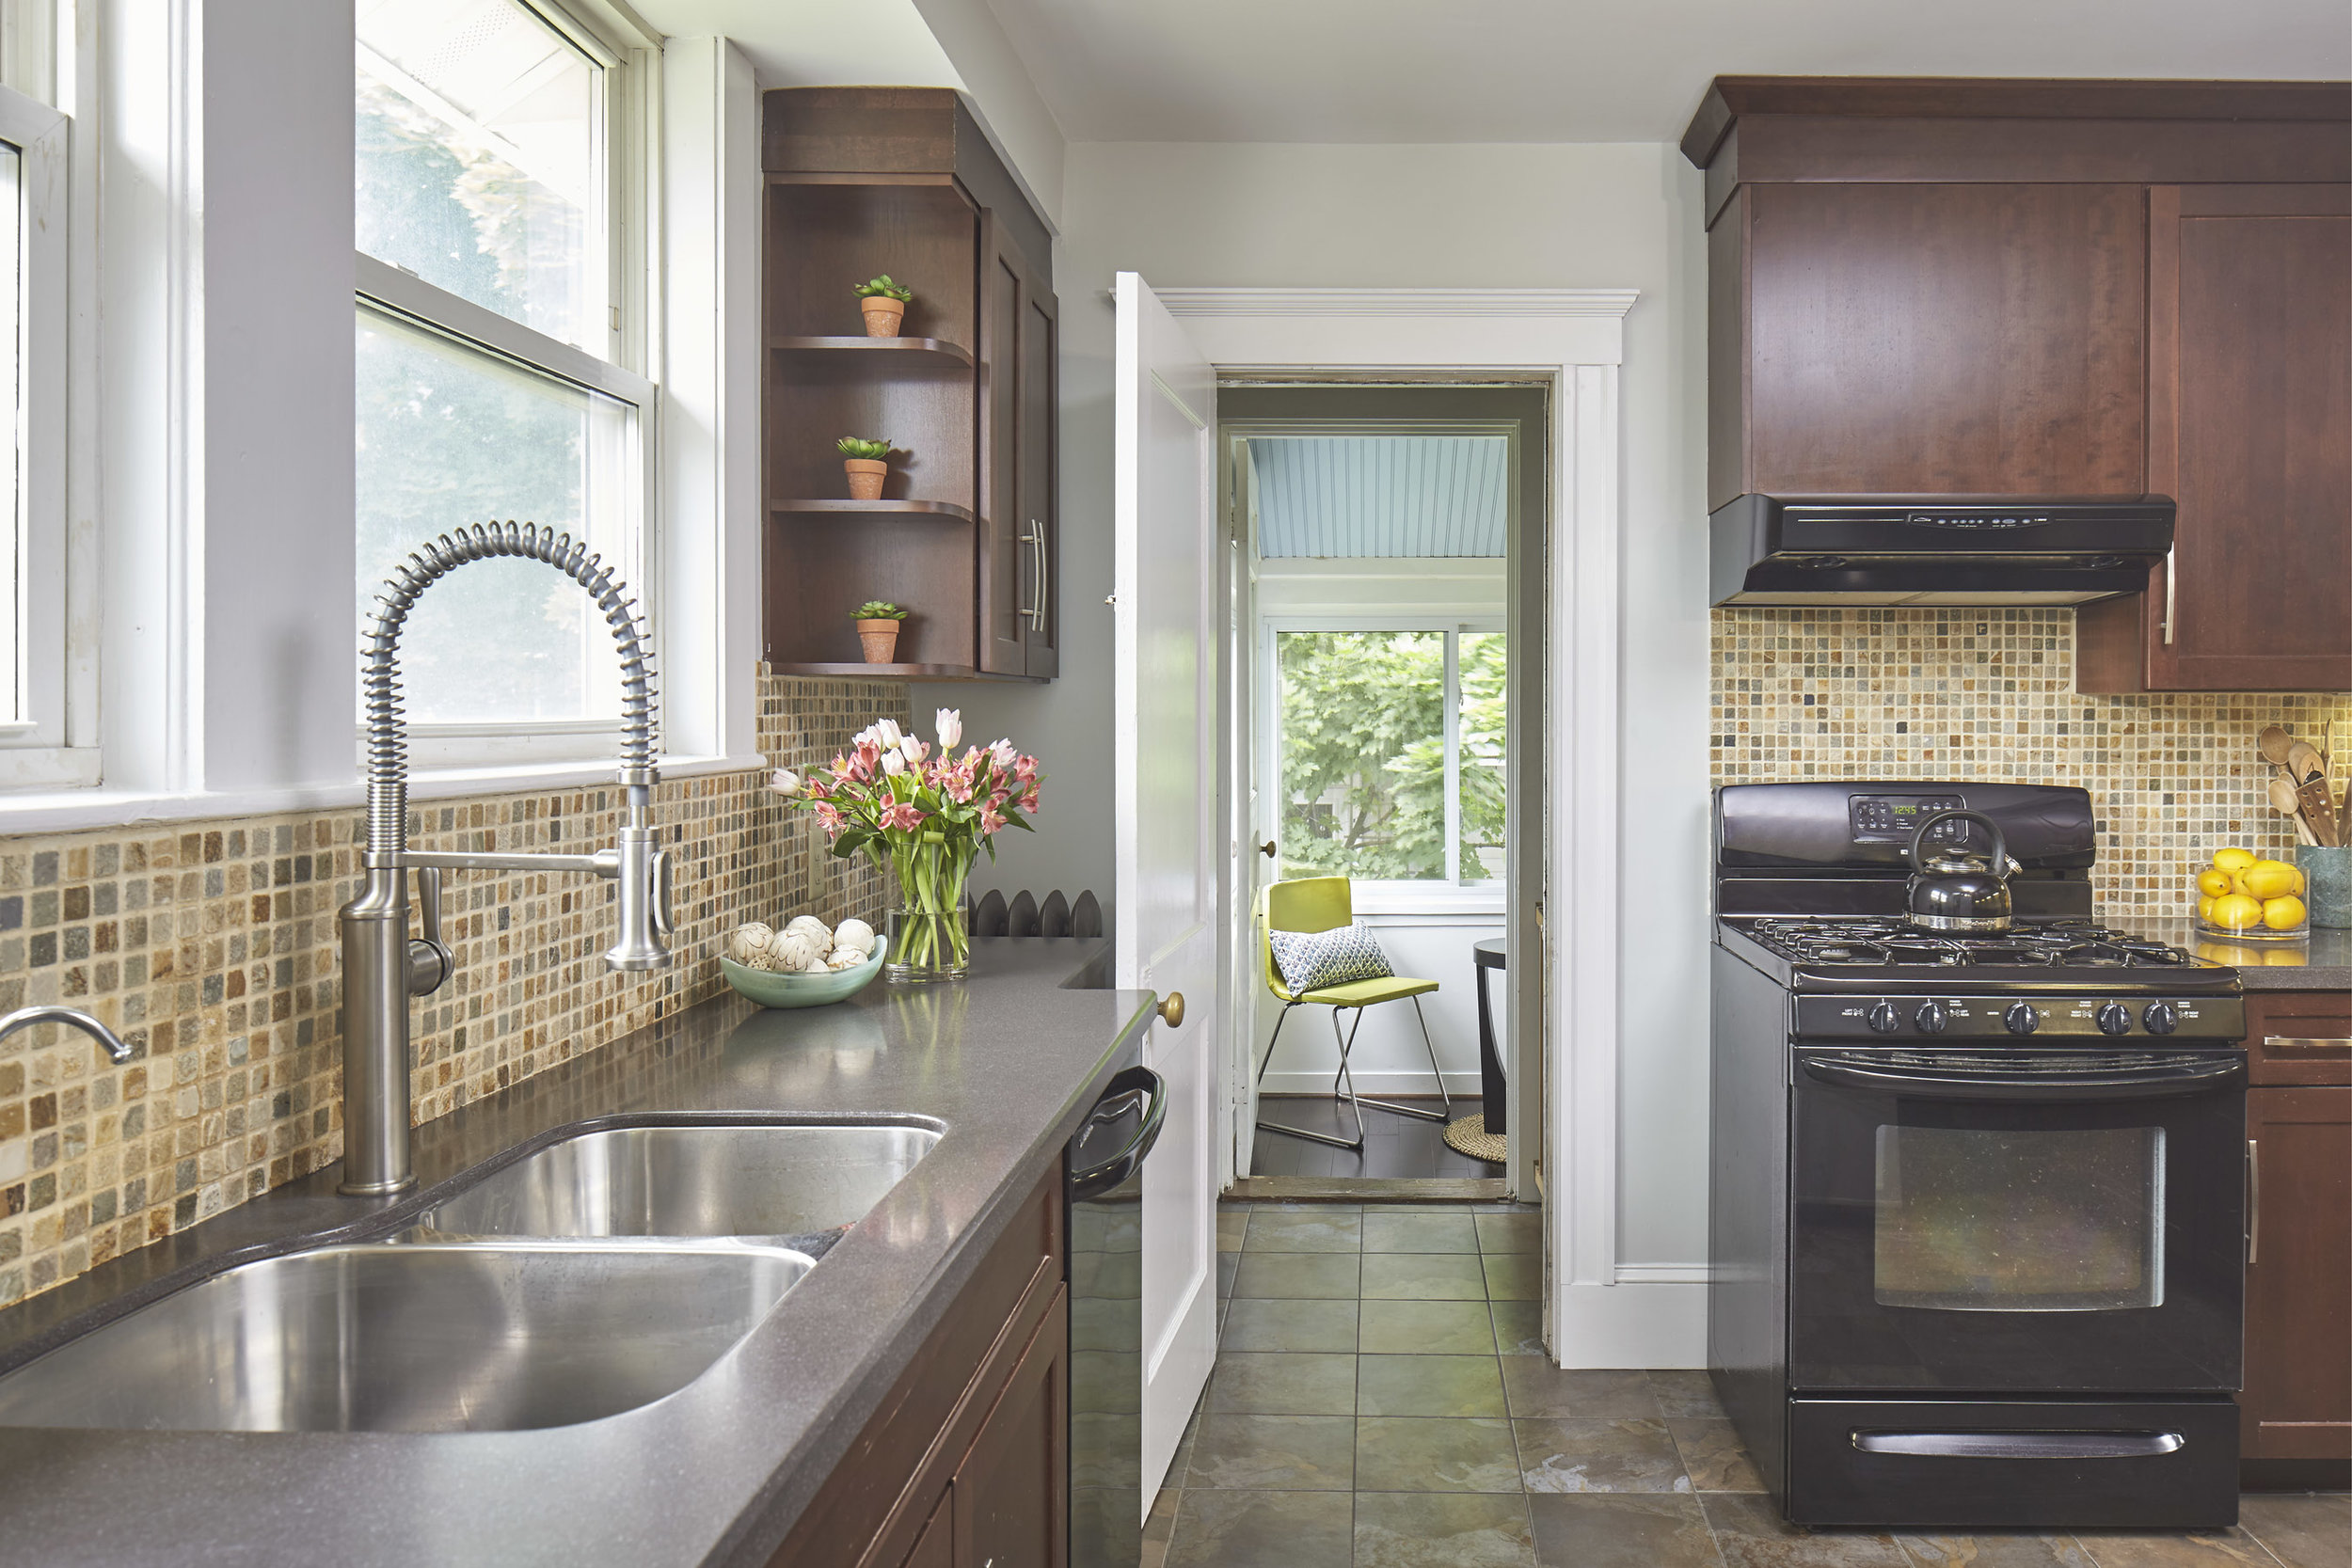 24_springfield_st_kitchen.jpg